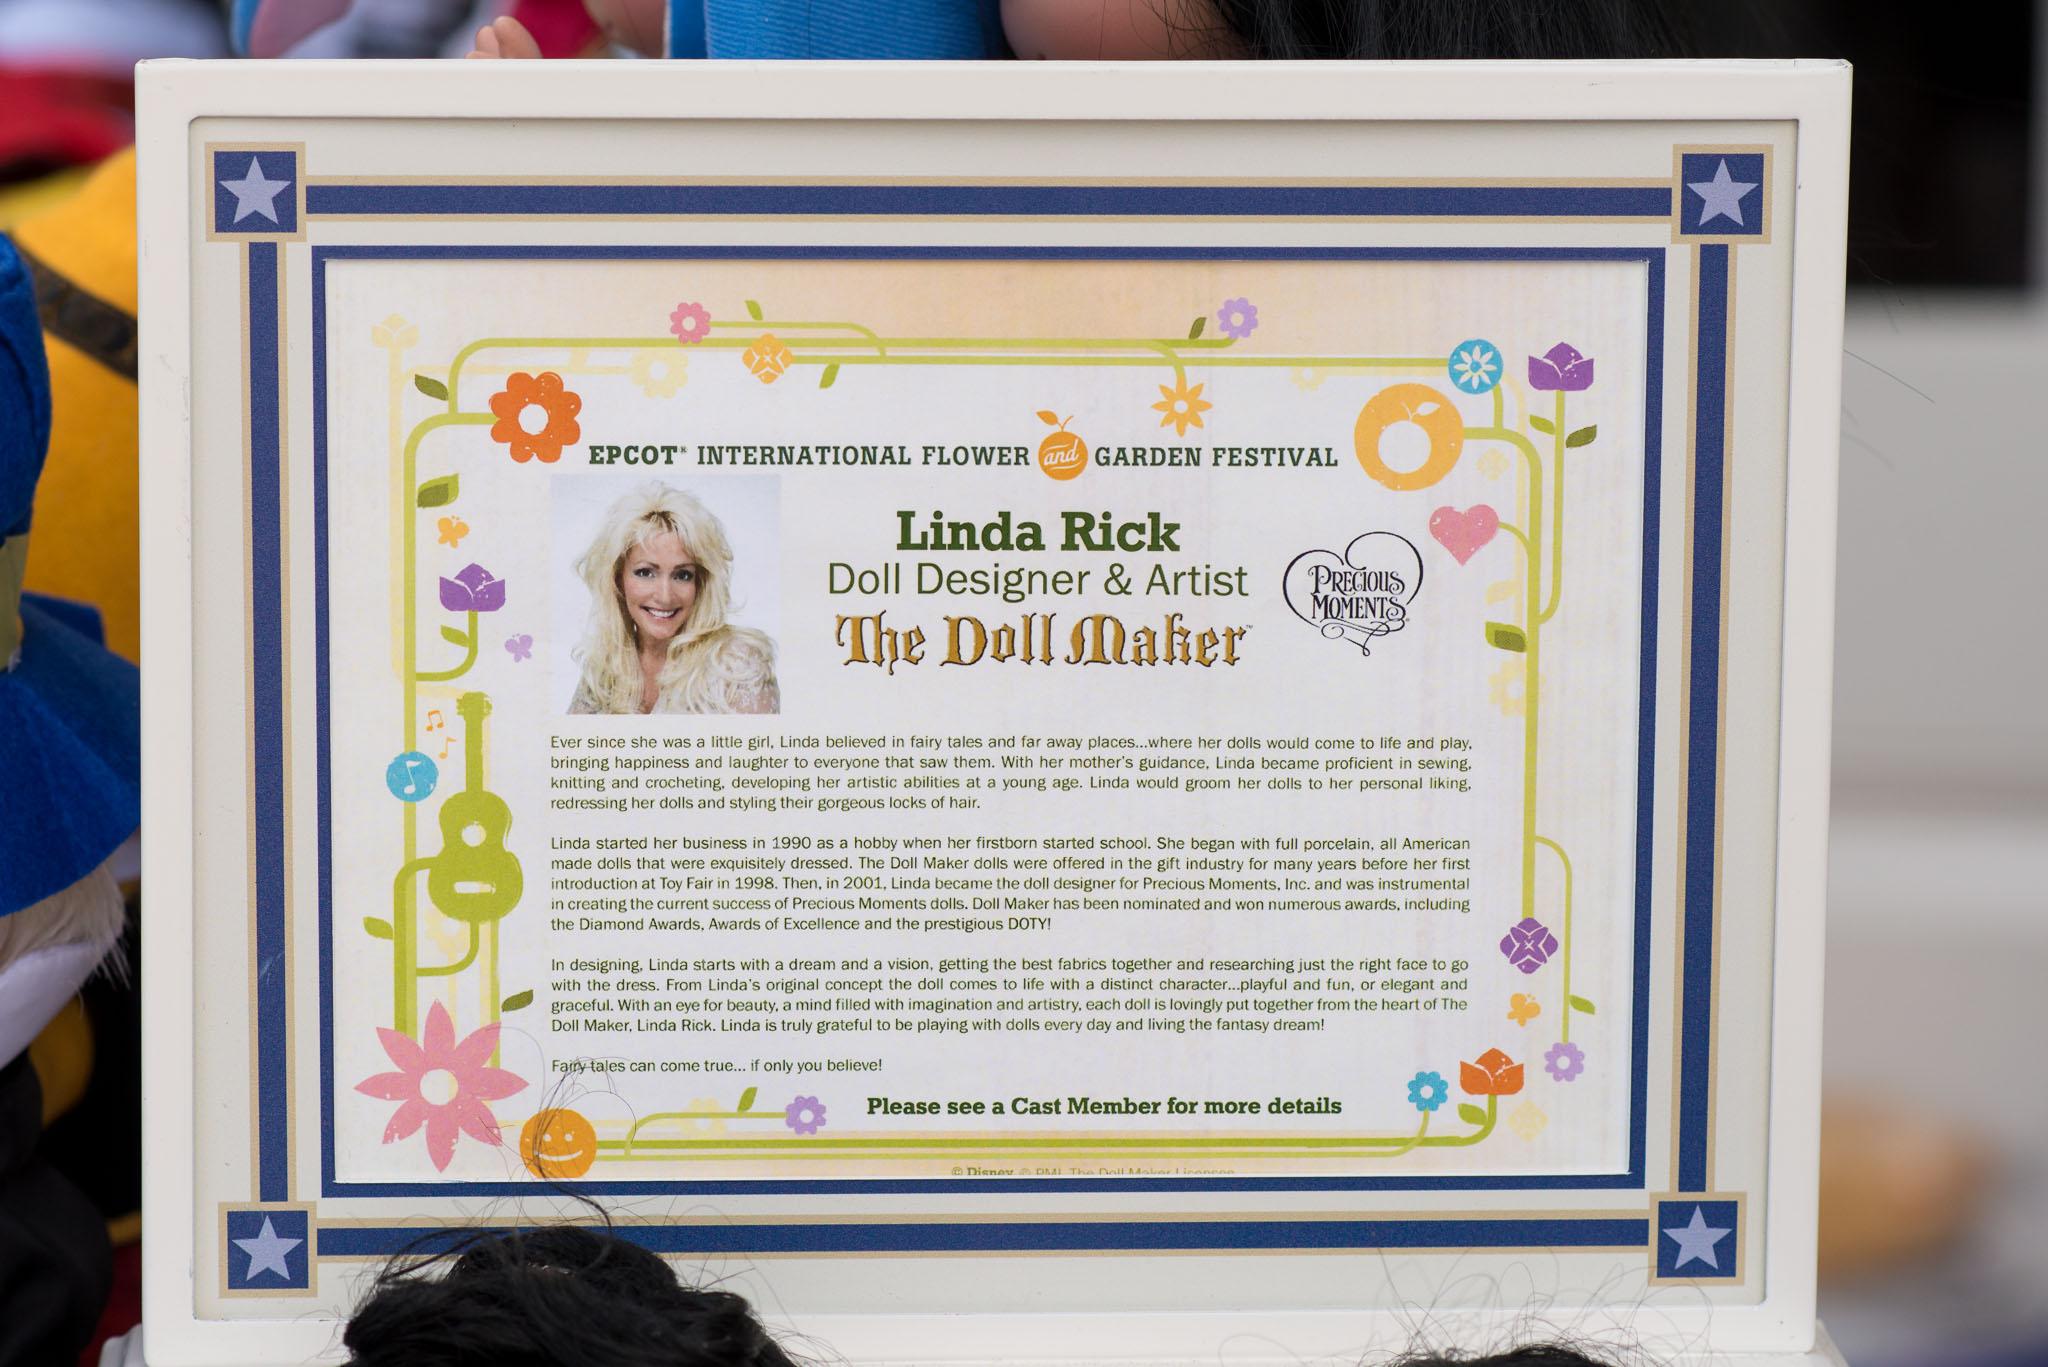 Precious Moments Disney Doll Collection - Linda Rick, Designer - Epcot Flower & Garden Festival 2016